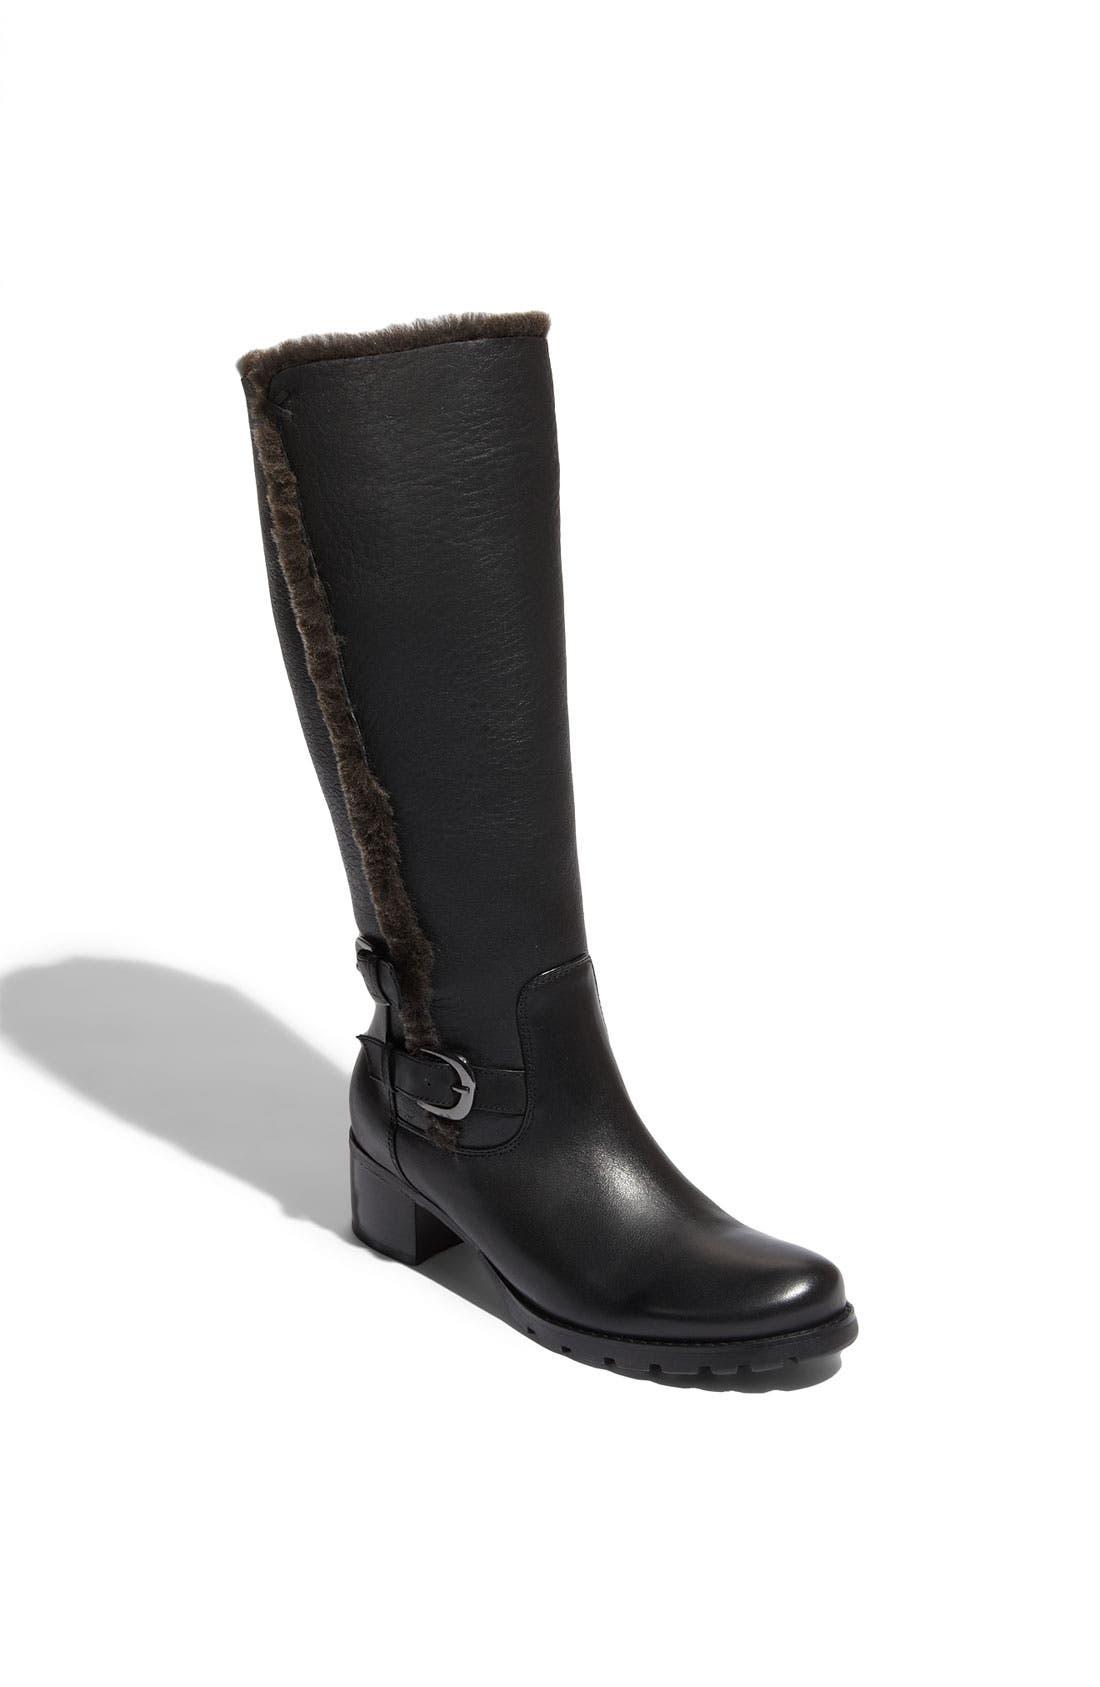 Main Image - Blondo 'Fatima' Waterproof Boot